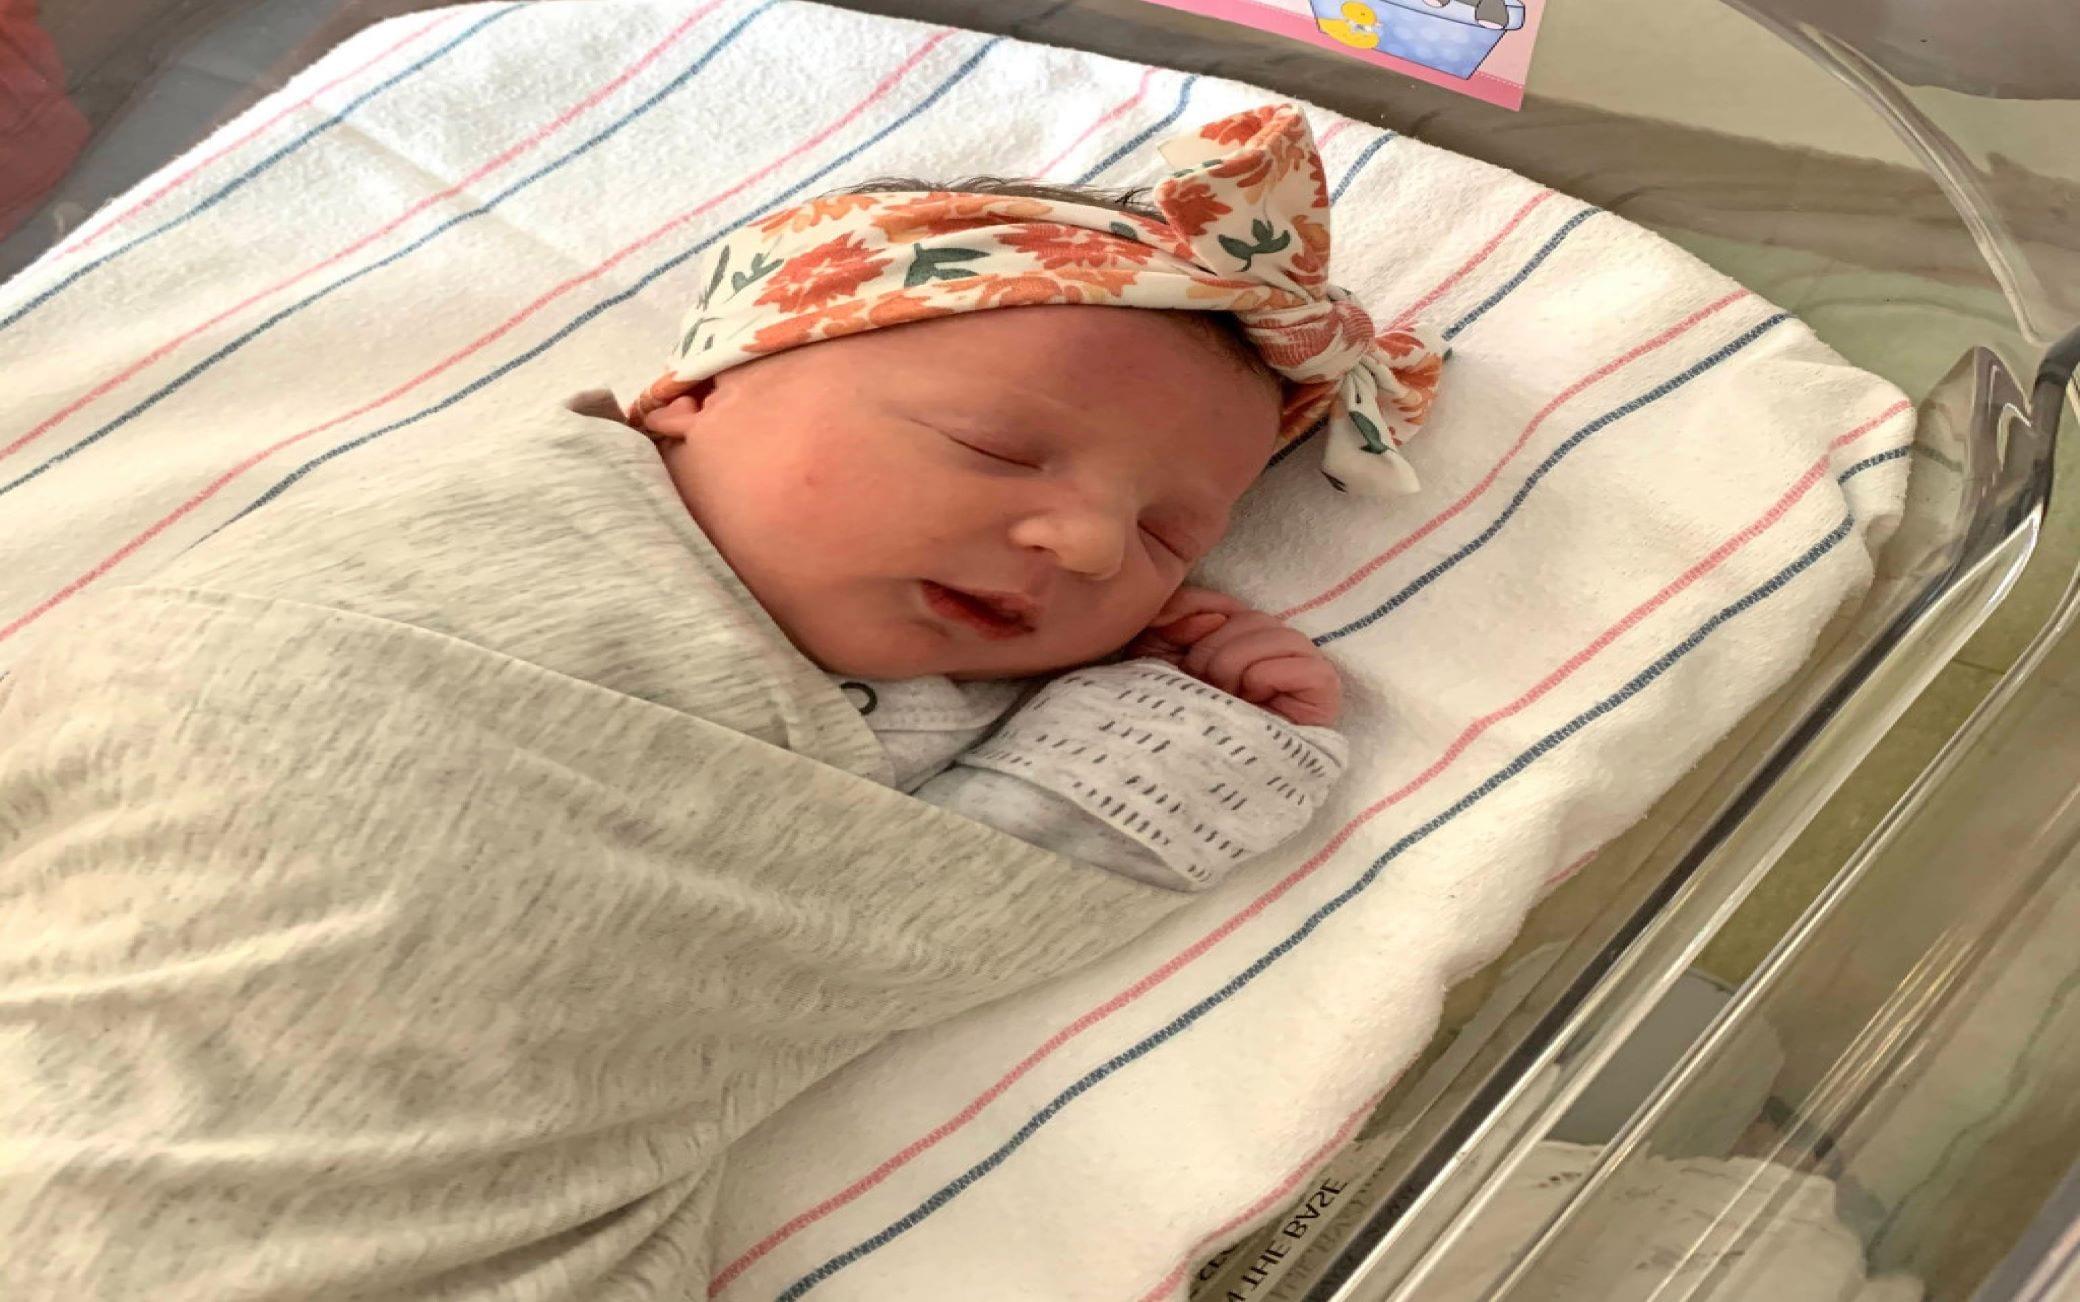 Molly, la storia della bimba nata da un embrione congelato 27 anni fa